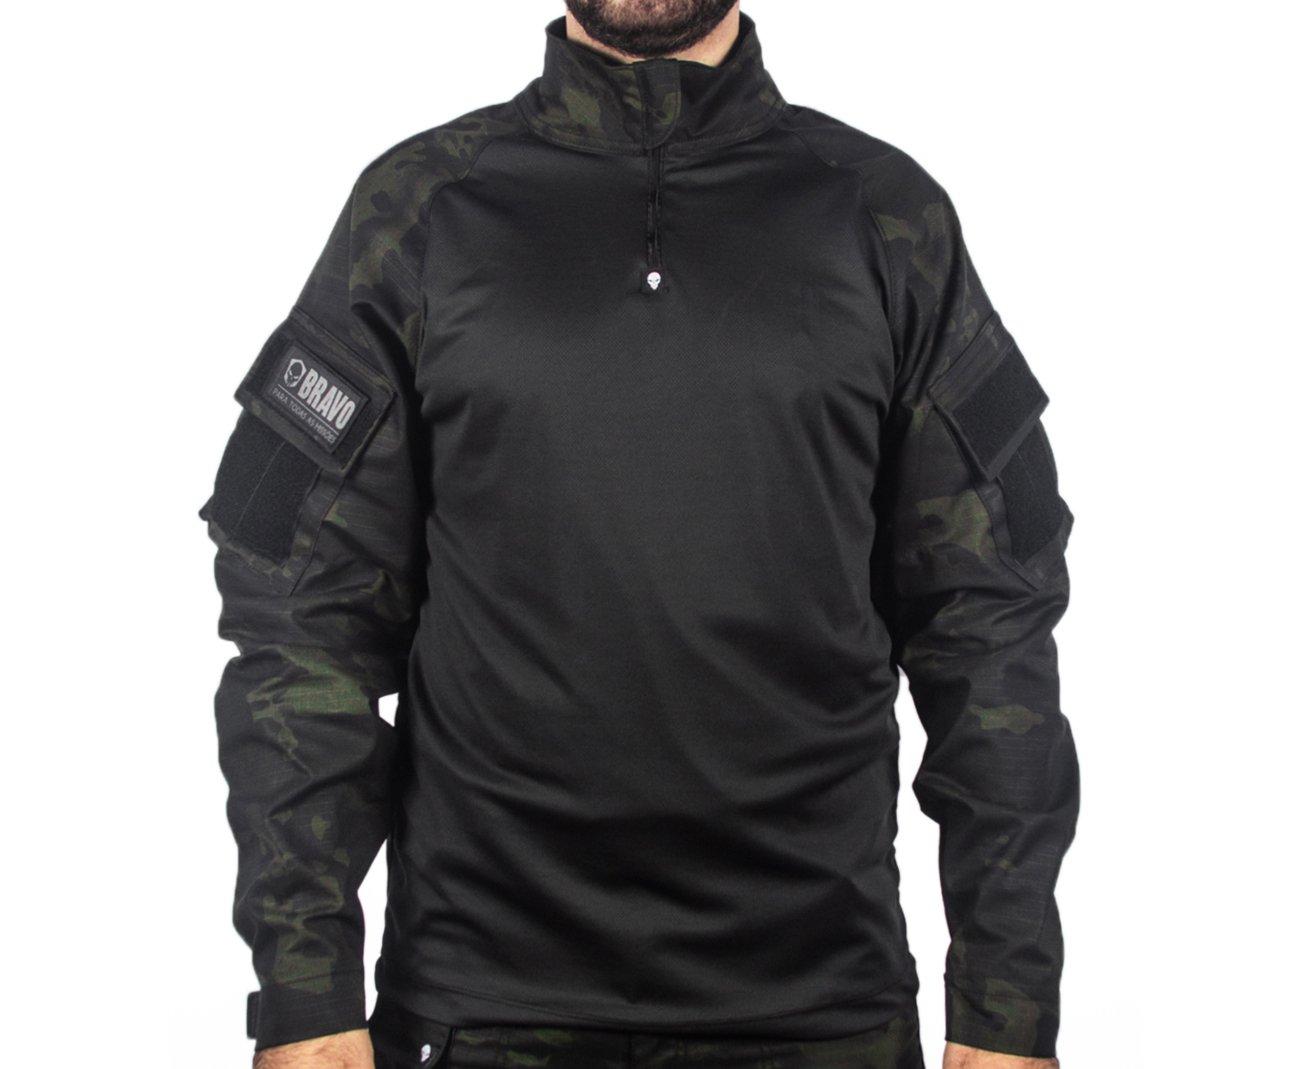 Camisa Combat Shirt Bravo Multicam Black